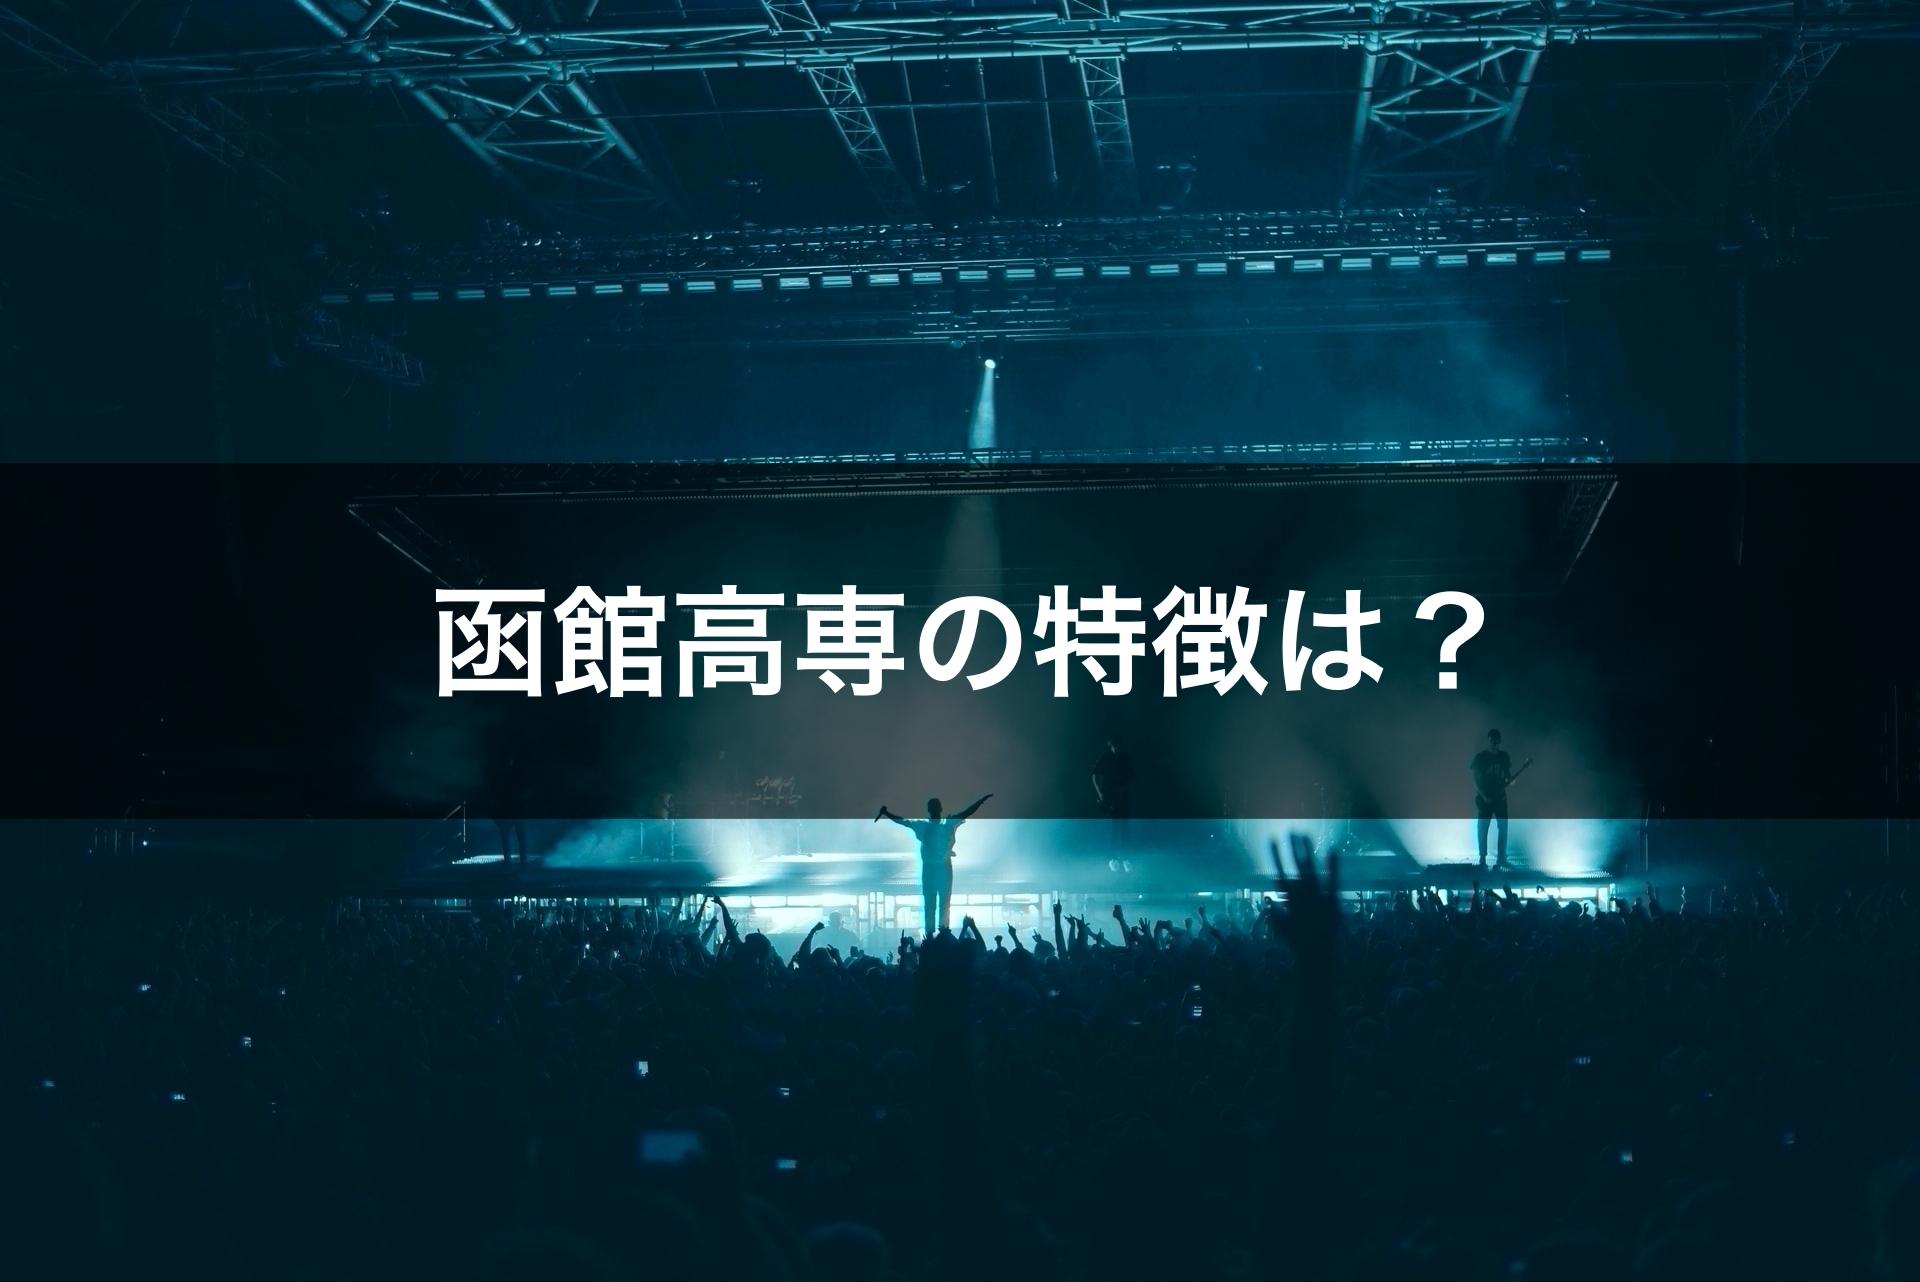 函館高専の特徴は?